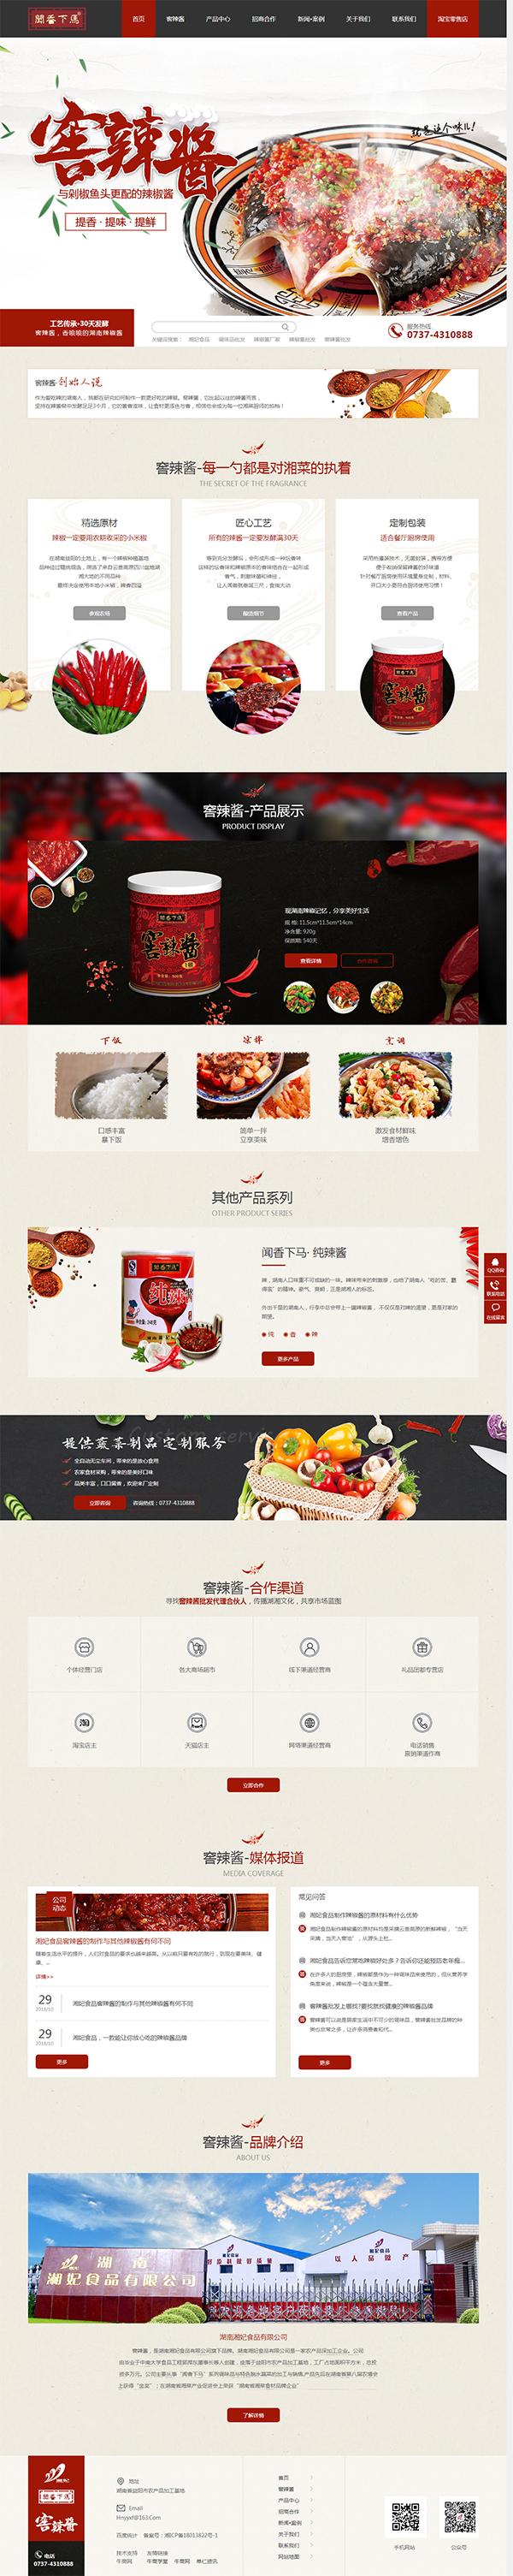 湘妃食品窖辣酱-龙8国际龙88型龙8国际官网首页首页截图